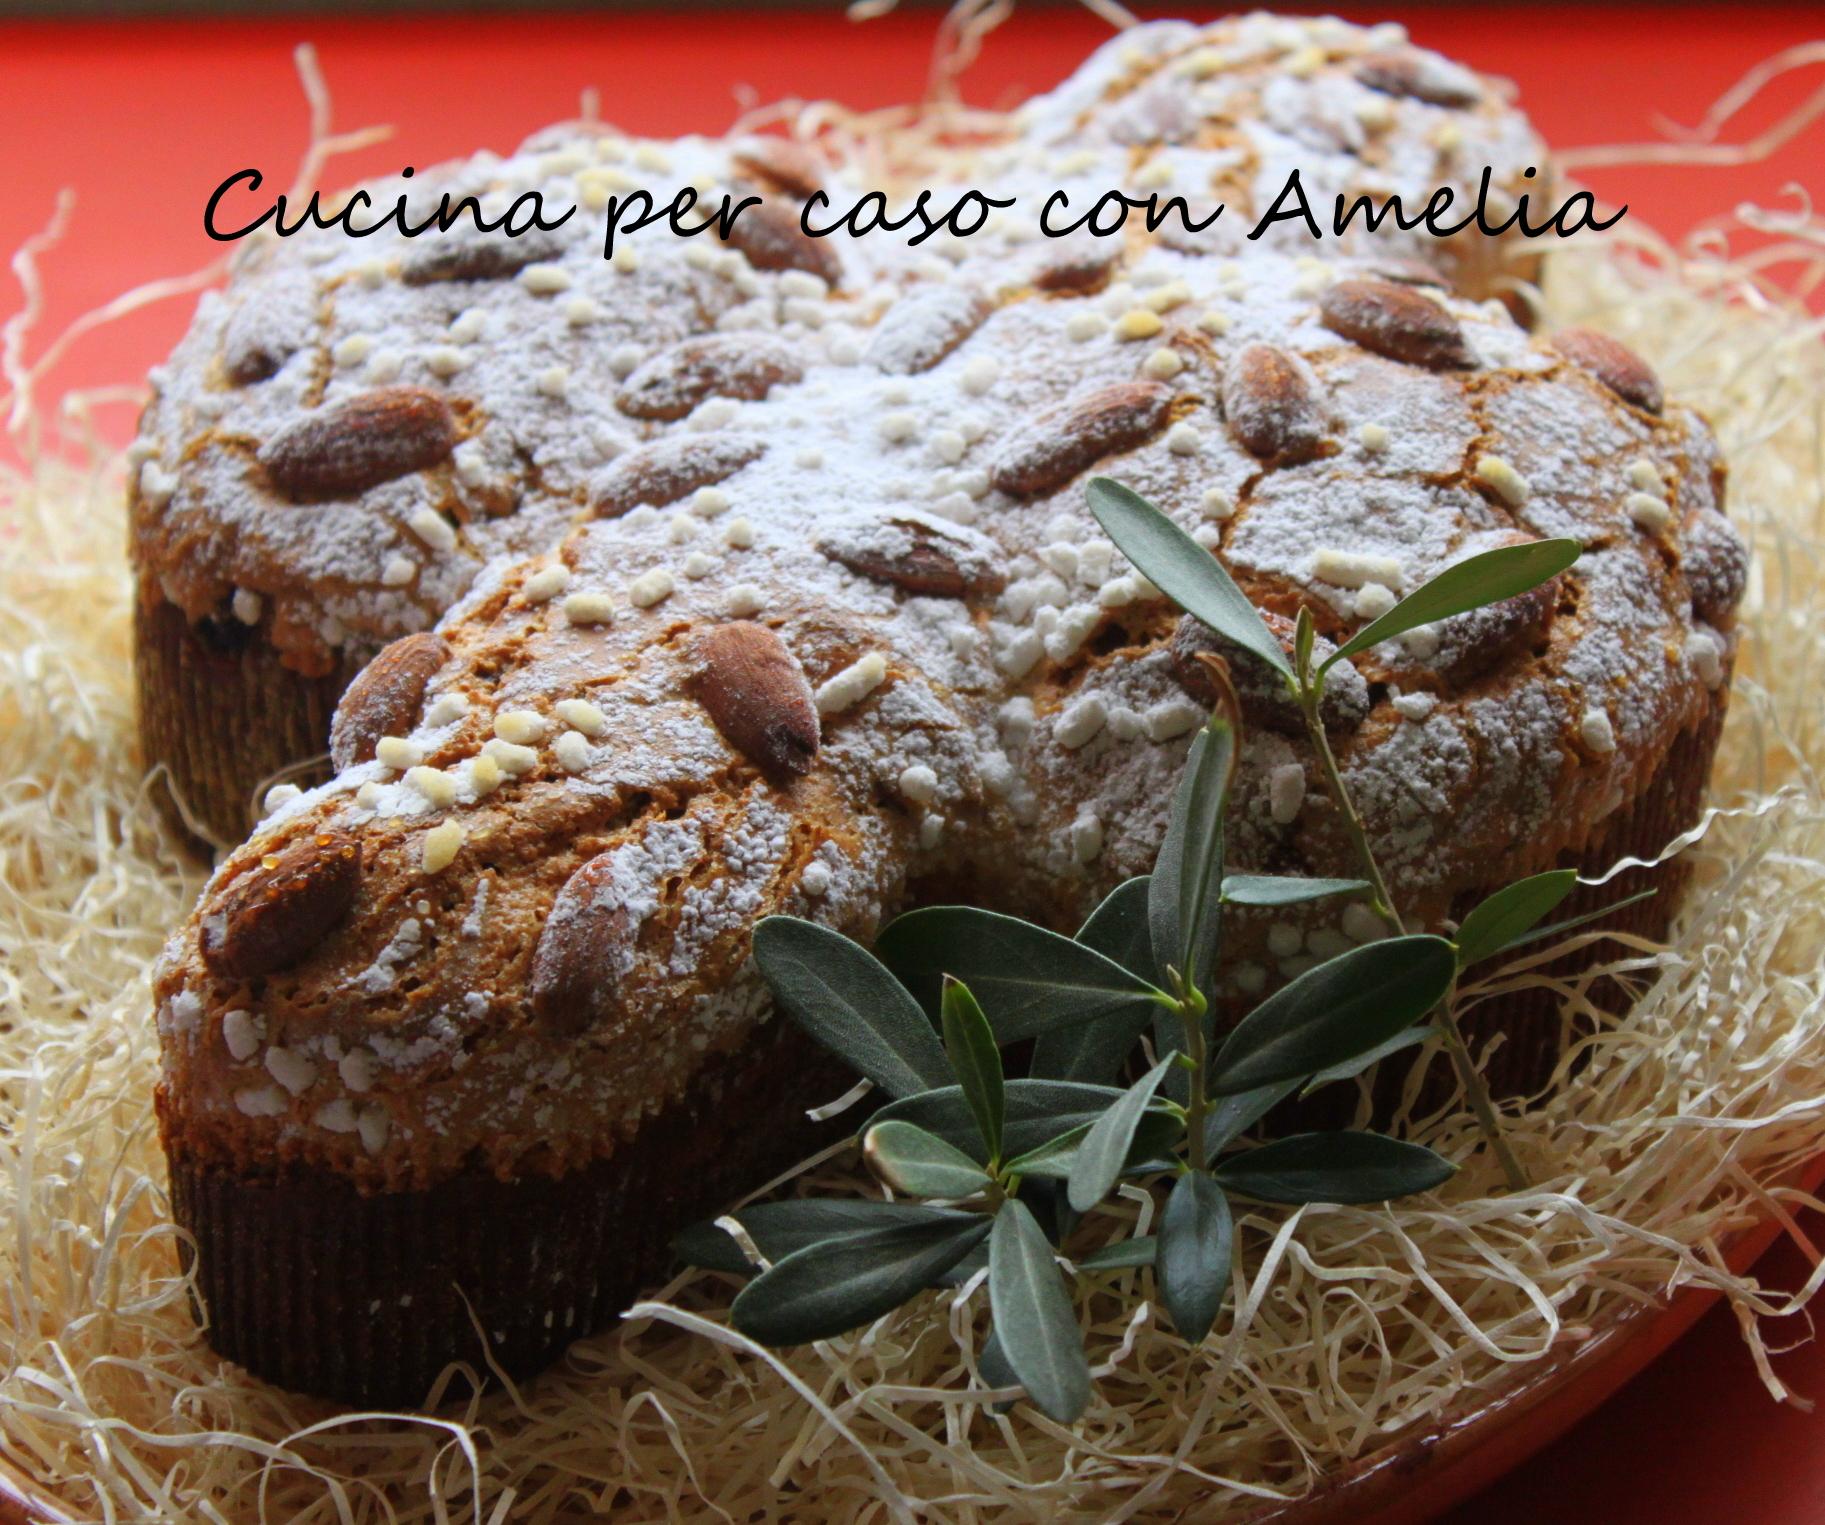 Colomba Pasquale Ricetta Tradizionale Cucina Per Caso Con Amelia